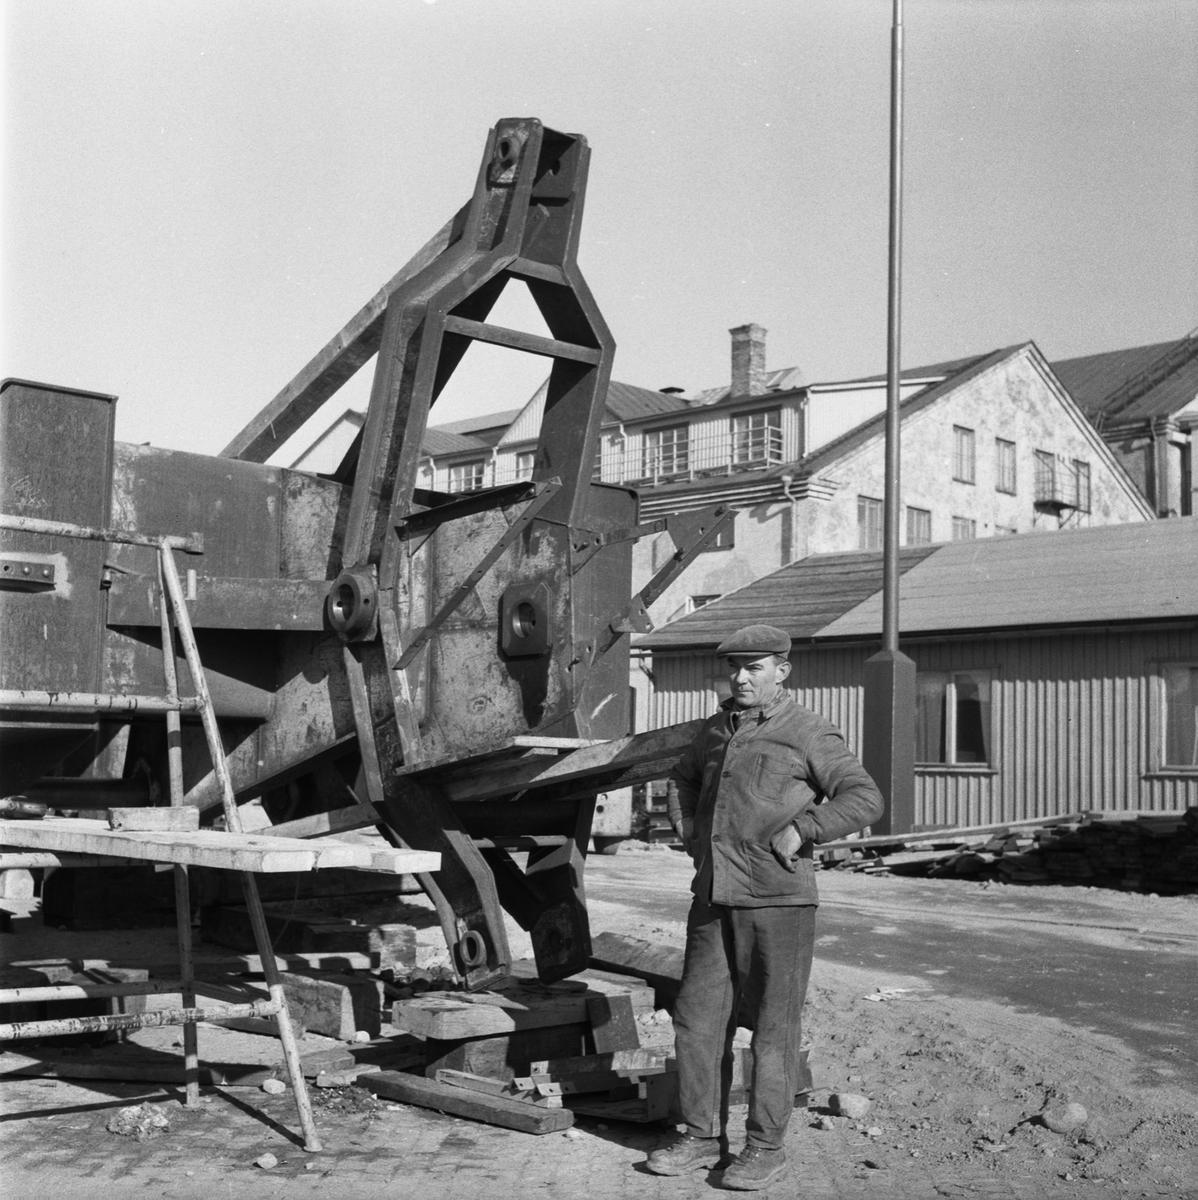 Övrigt: Fotodatum:9/3 1959 Byggnader och Kranar. Nya 100-tonskranen montering